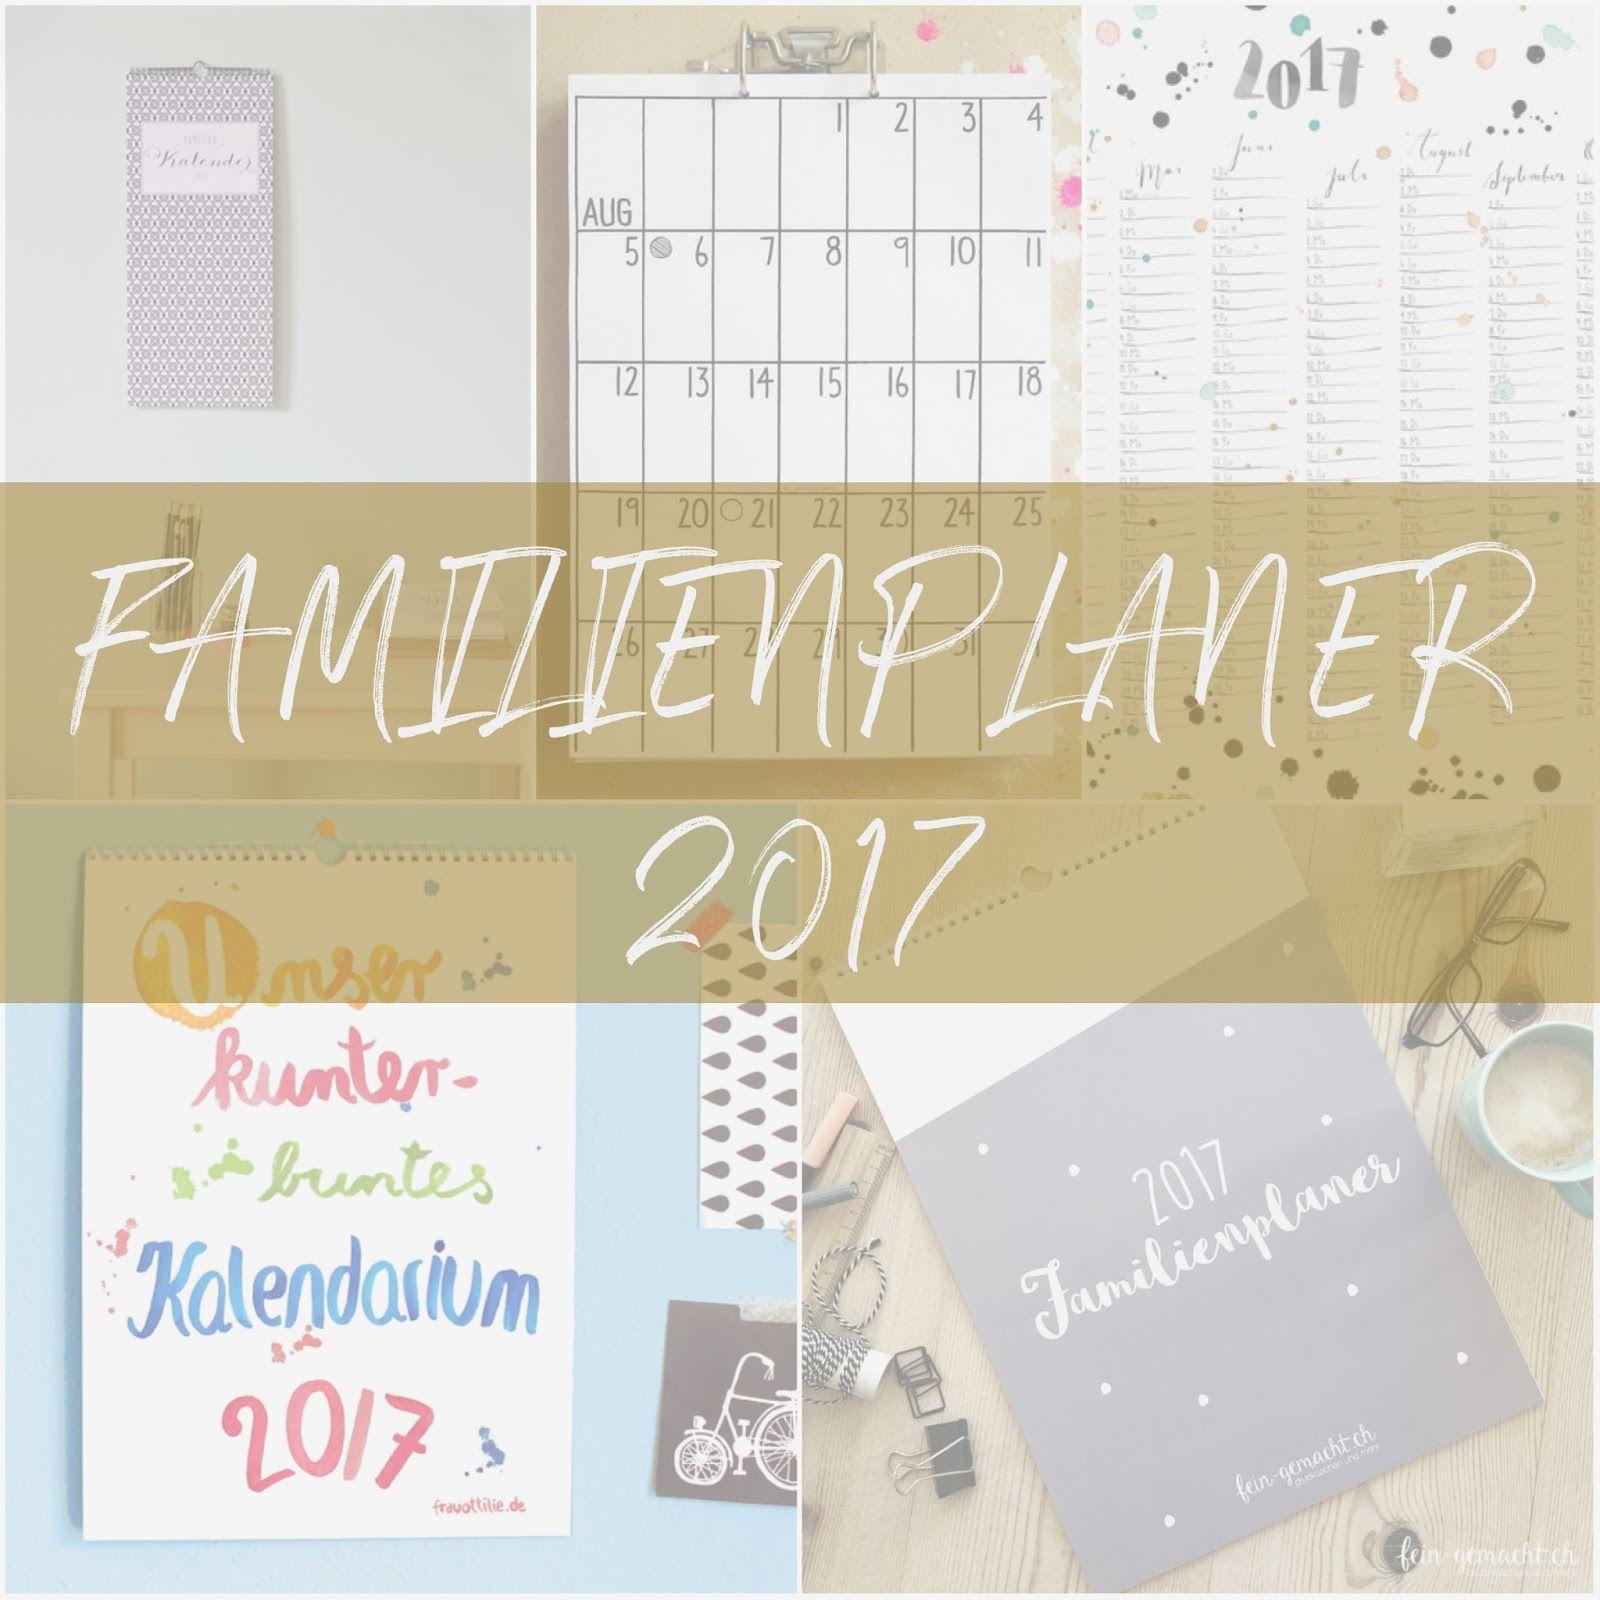 Familienplaner 2017 kostenlos ausdrucken oder fertig kaufen ...